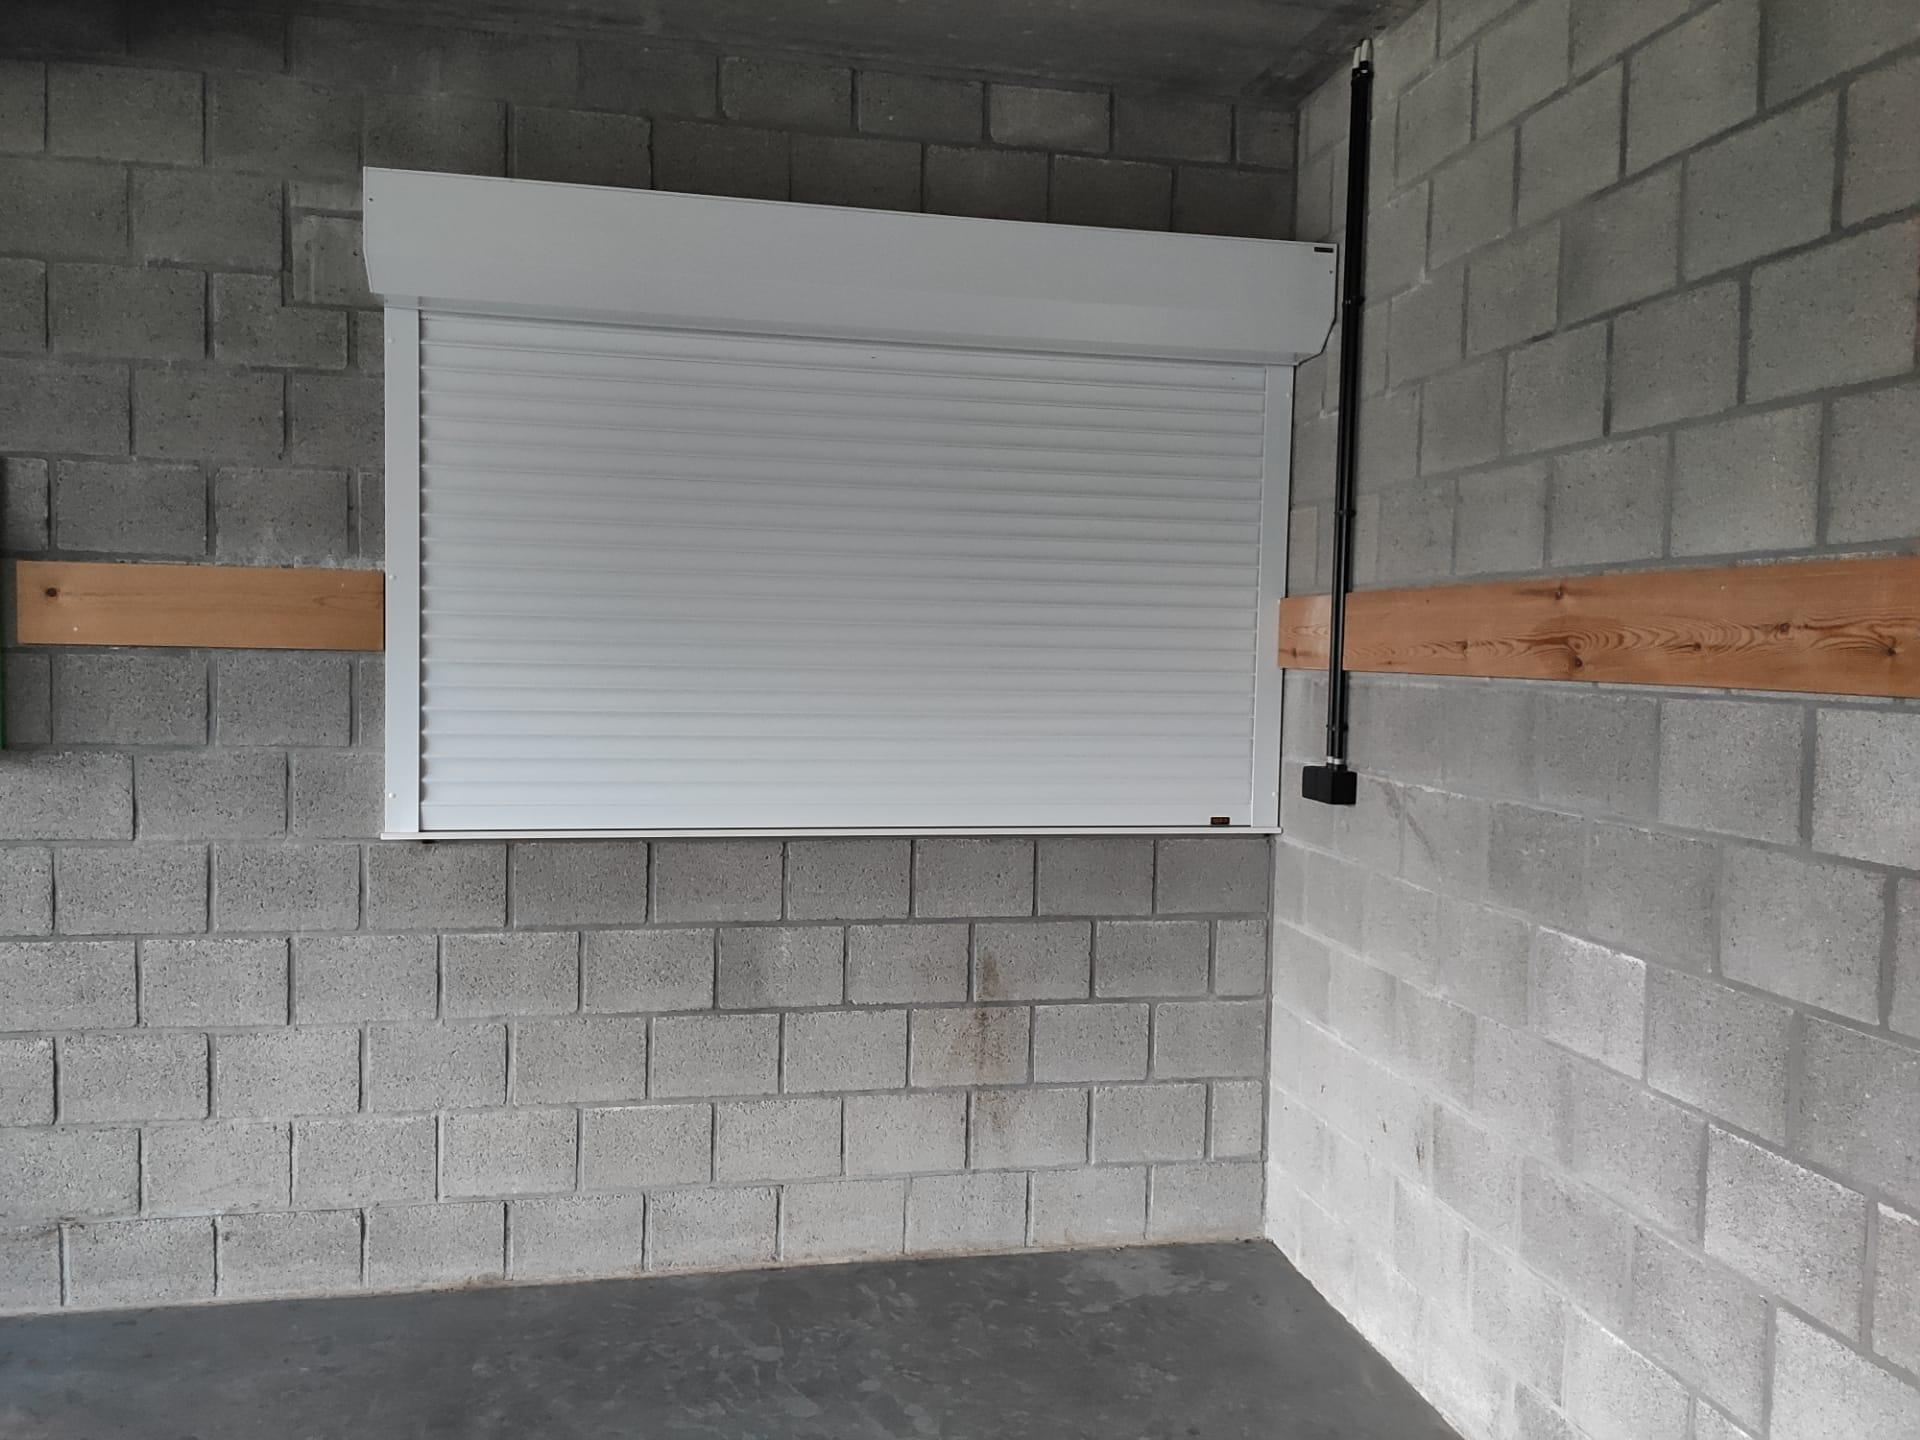 elektrisch doorgeefluik keuken-gesloten